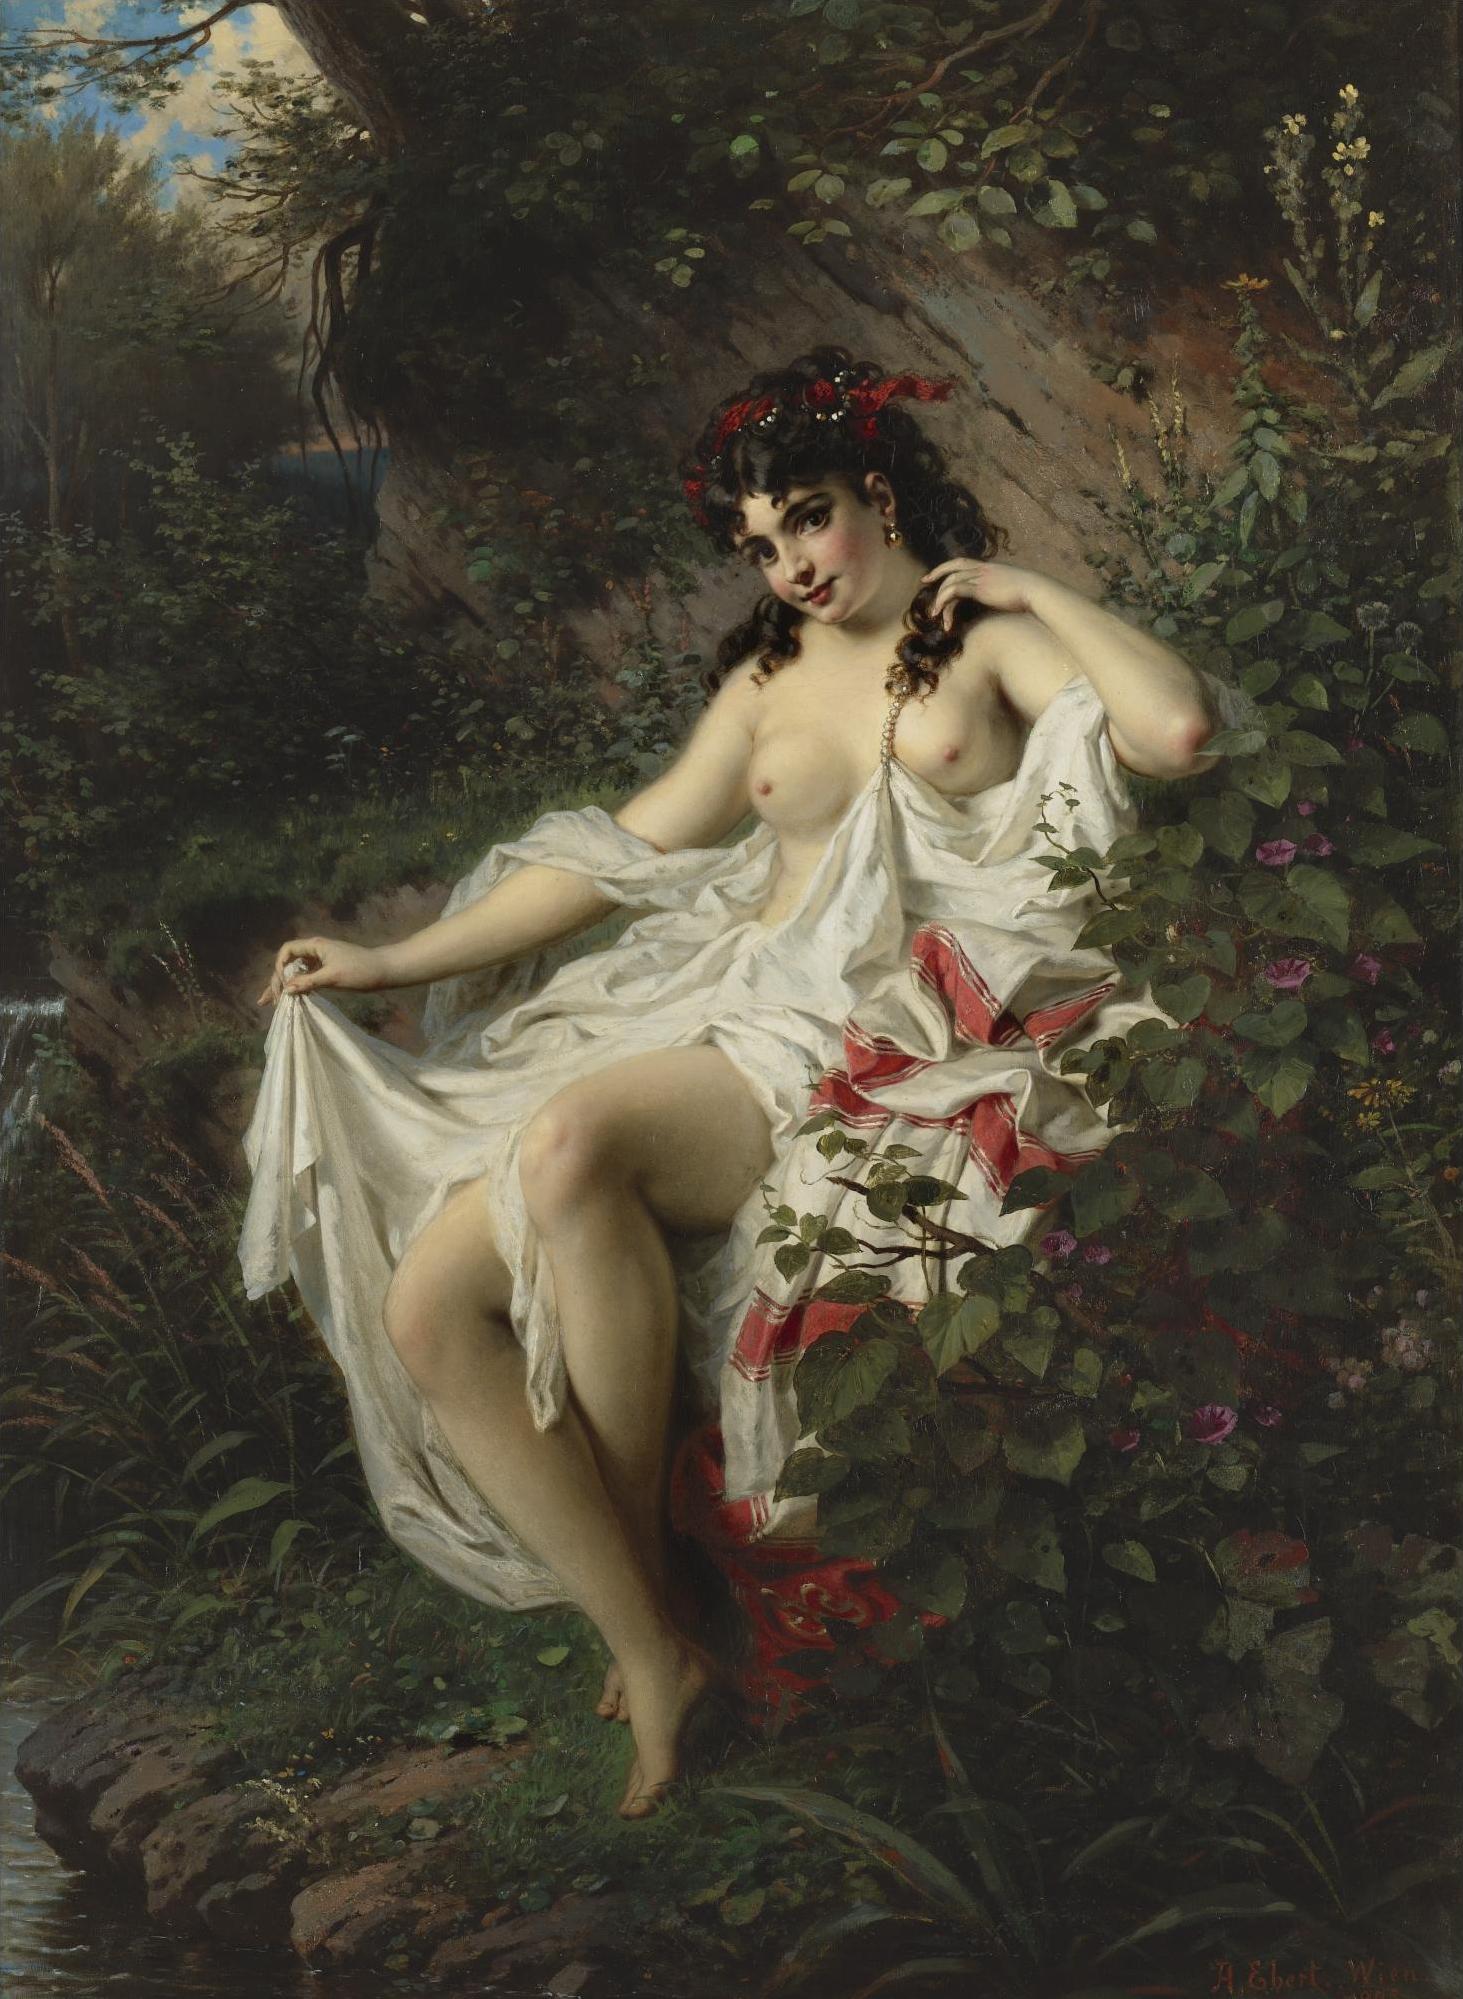 Anton Ebert, 1845-1896.  Весна в лесу.  1875. 106 х 74.6 см. Частная коллекция